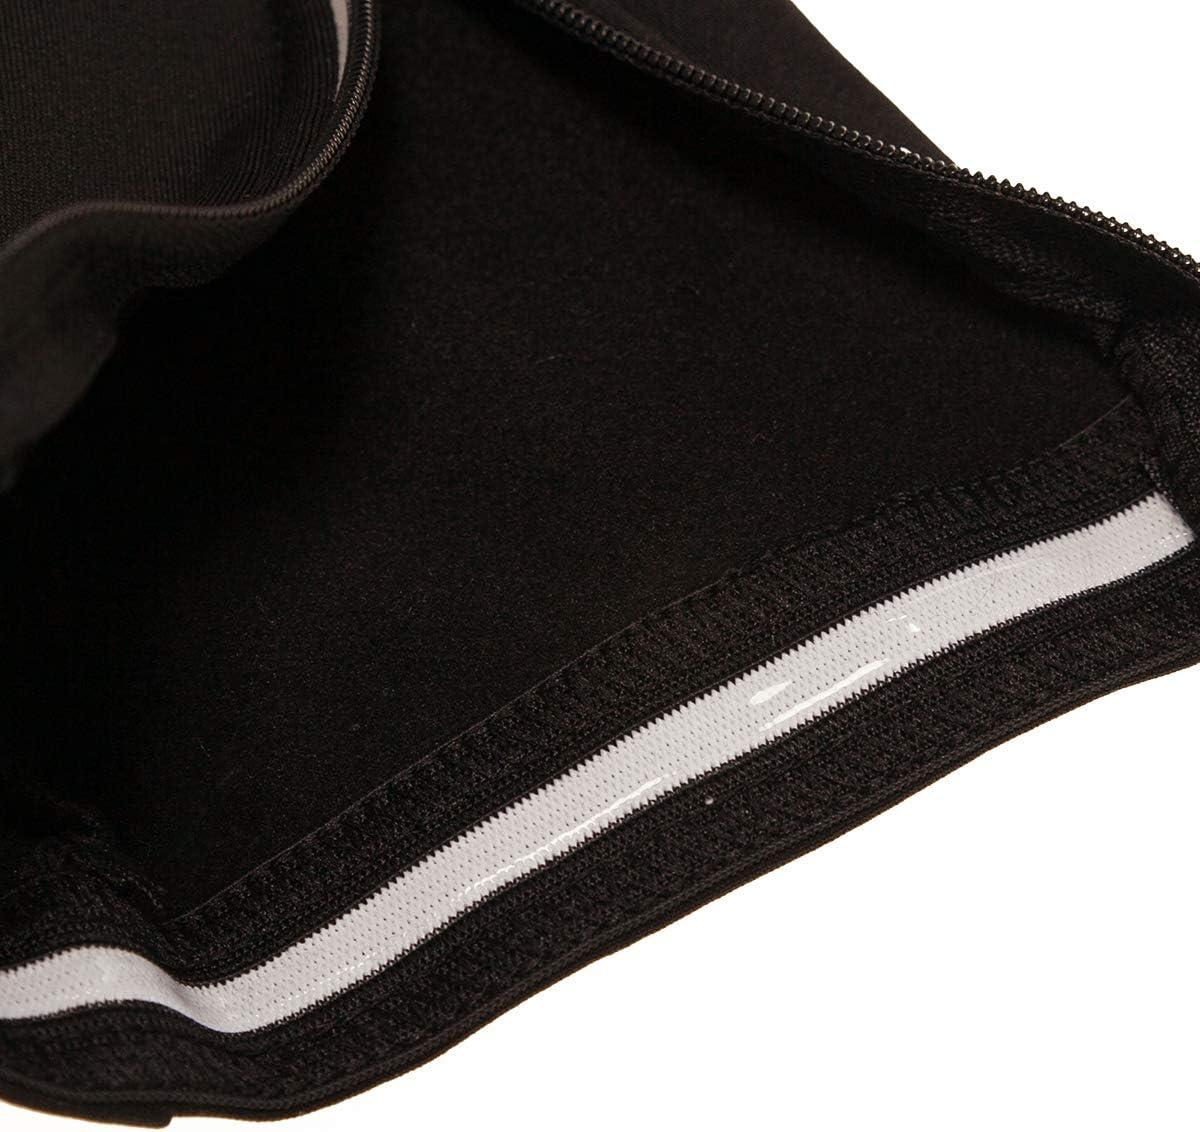 CYCEARTH Hommes Cyclisme Hiver Chaud Pantalon Coupe-Polaire Vent Thermique Jambi/ères VTT V/élo De Route Sport V/élo Mouchoir Jambes